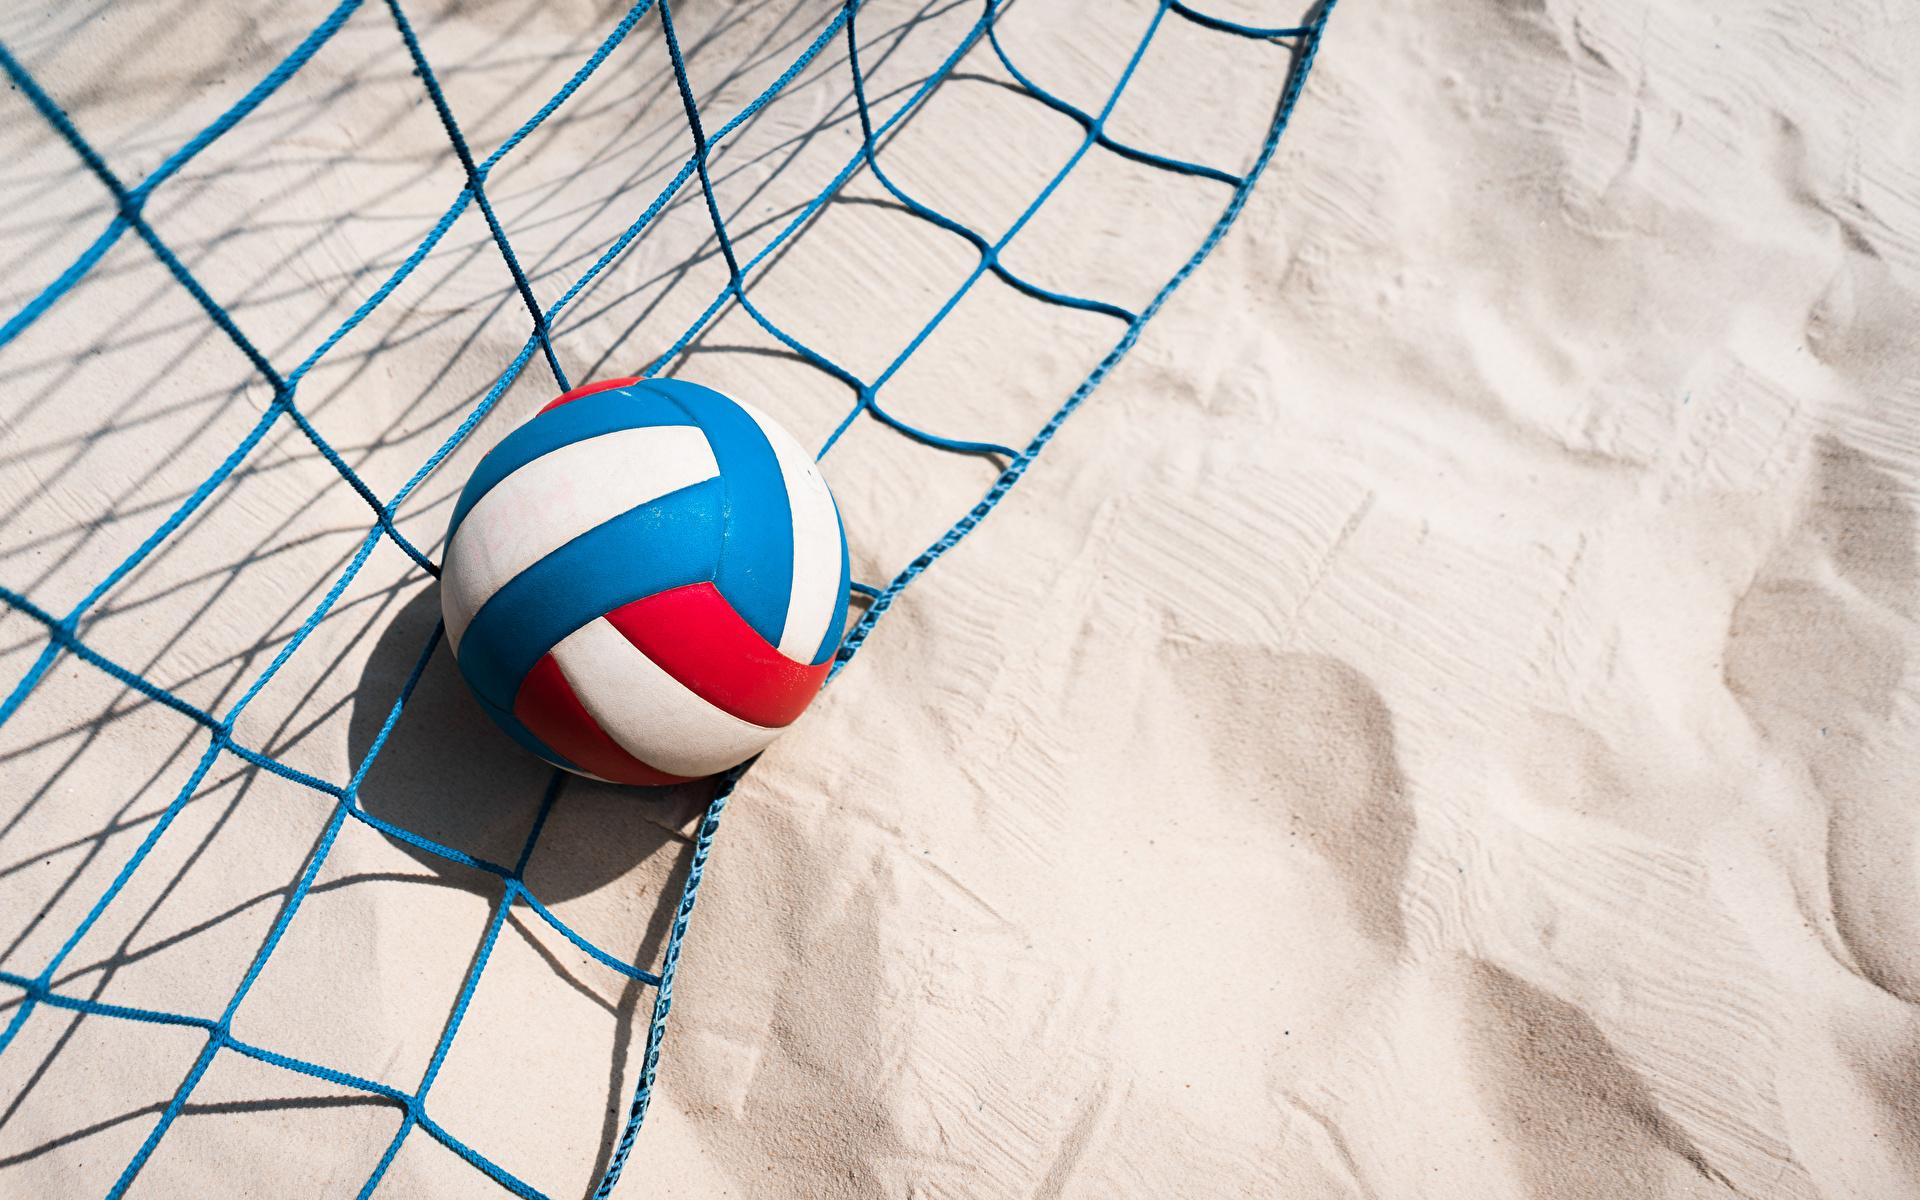 Фотографии volleyball спортивная сетка спортивные песке Мяч 1920x1200 Сетка Спорт спортивная спортивный песка Песок Мячик